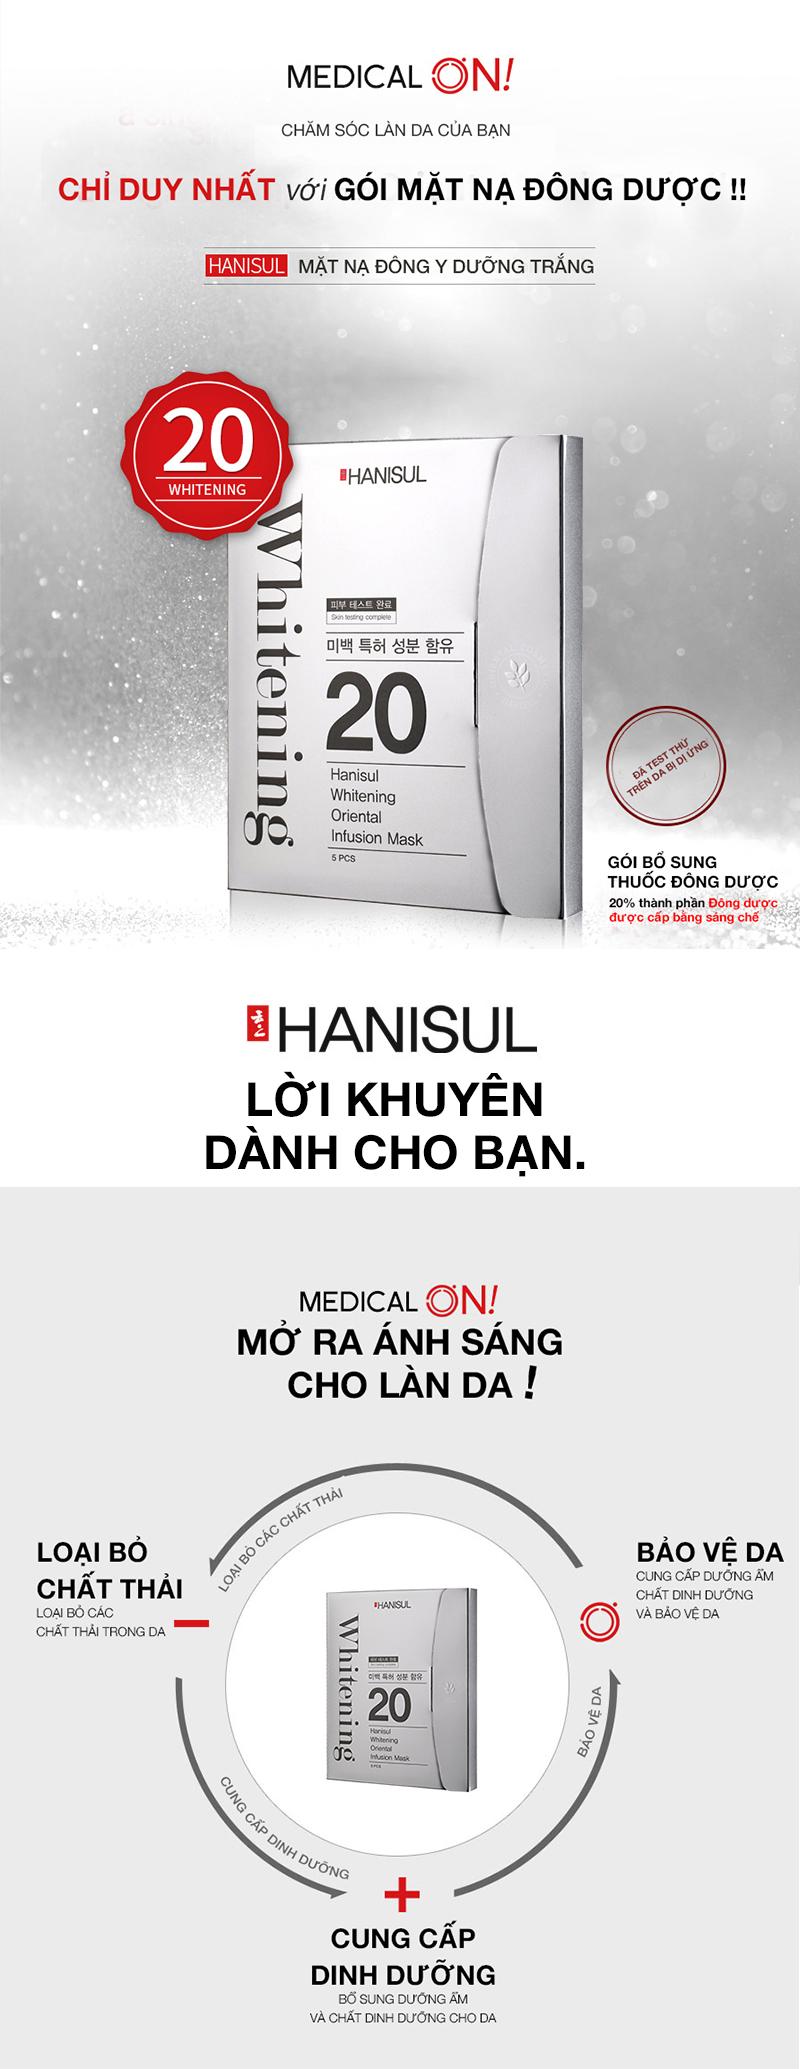 Chăm sóc da với mặt nạ Đông y dưỡng trắng Hanisul Whitening Oriental Infusion Mask đúng cách đem lại hiệu quả dưỡng trắng và đặc trị các vấn đề về da cao hơn so với các loại mặt nạ thông thường